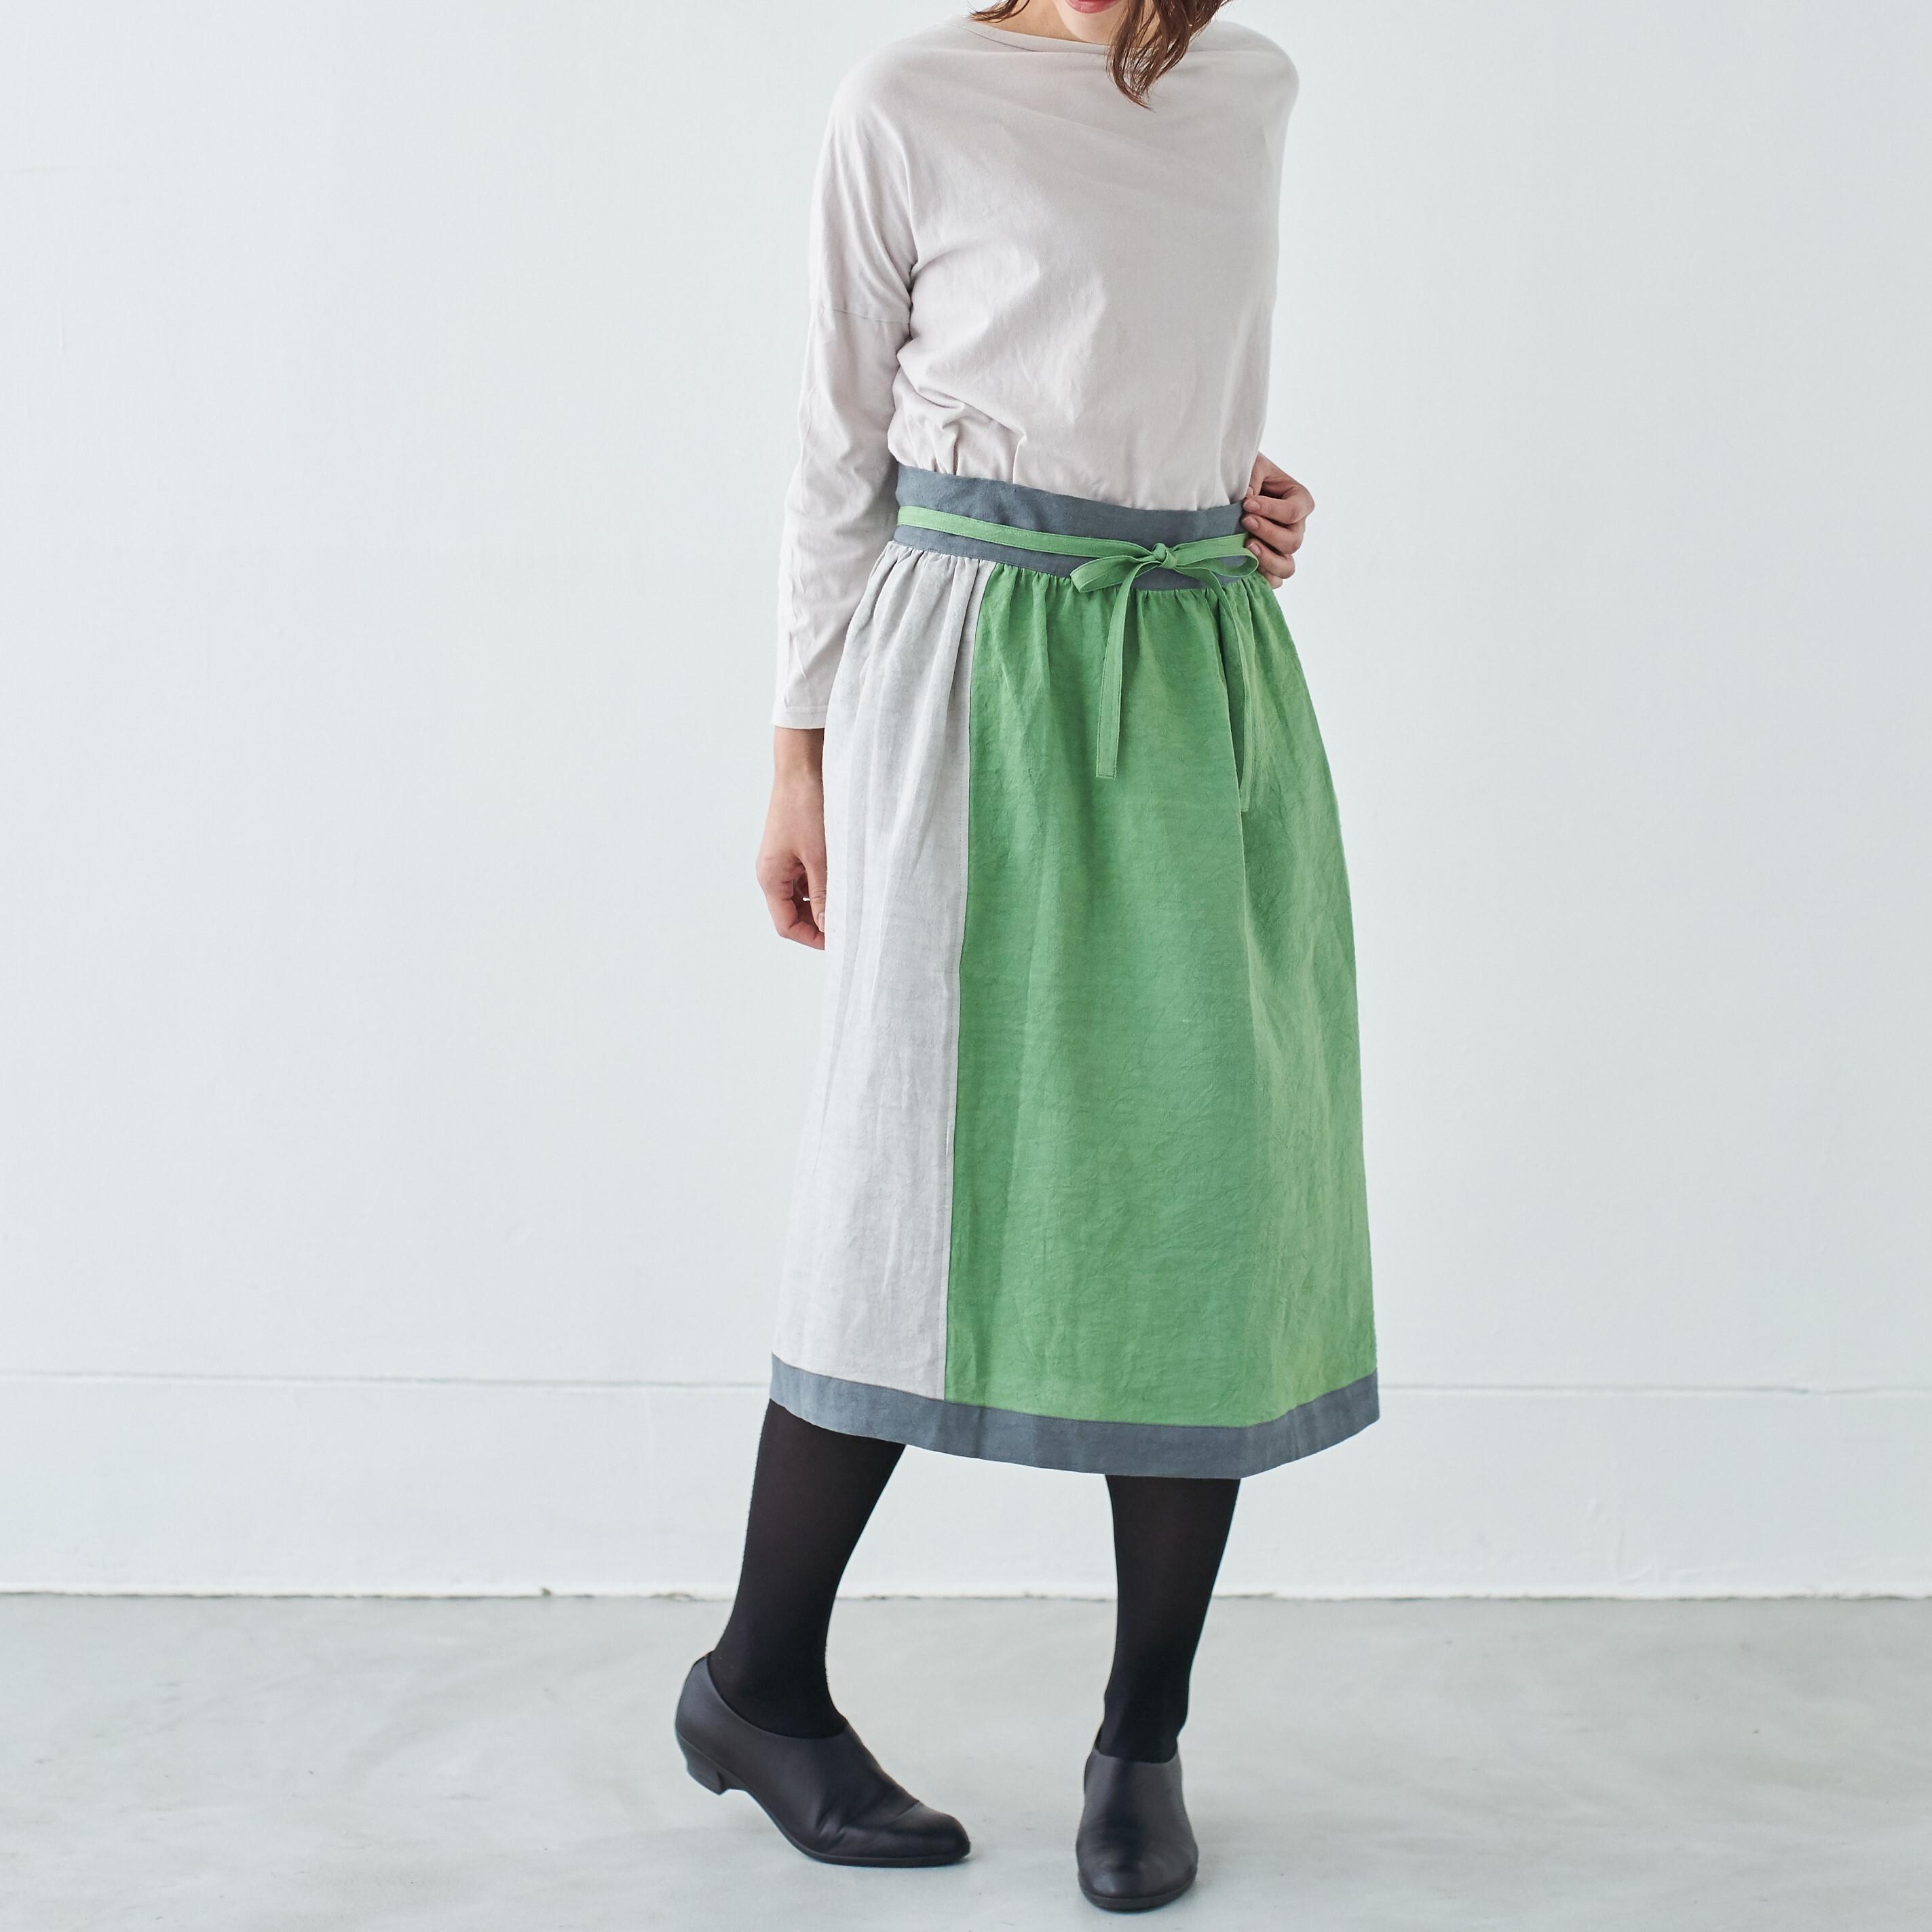 エプロンスカート apron skirt / リネン linen